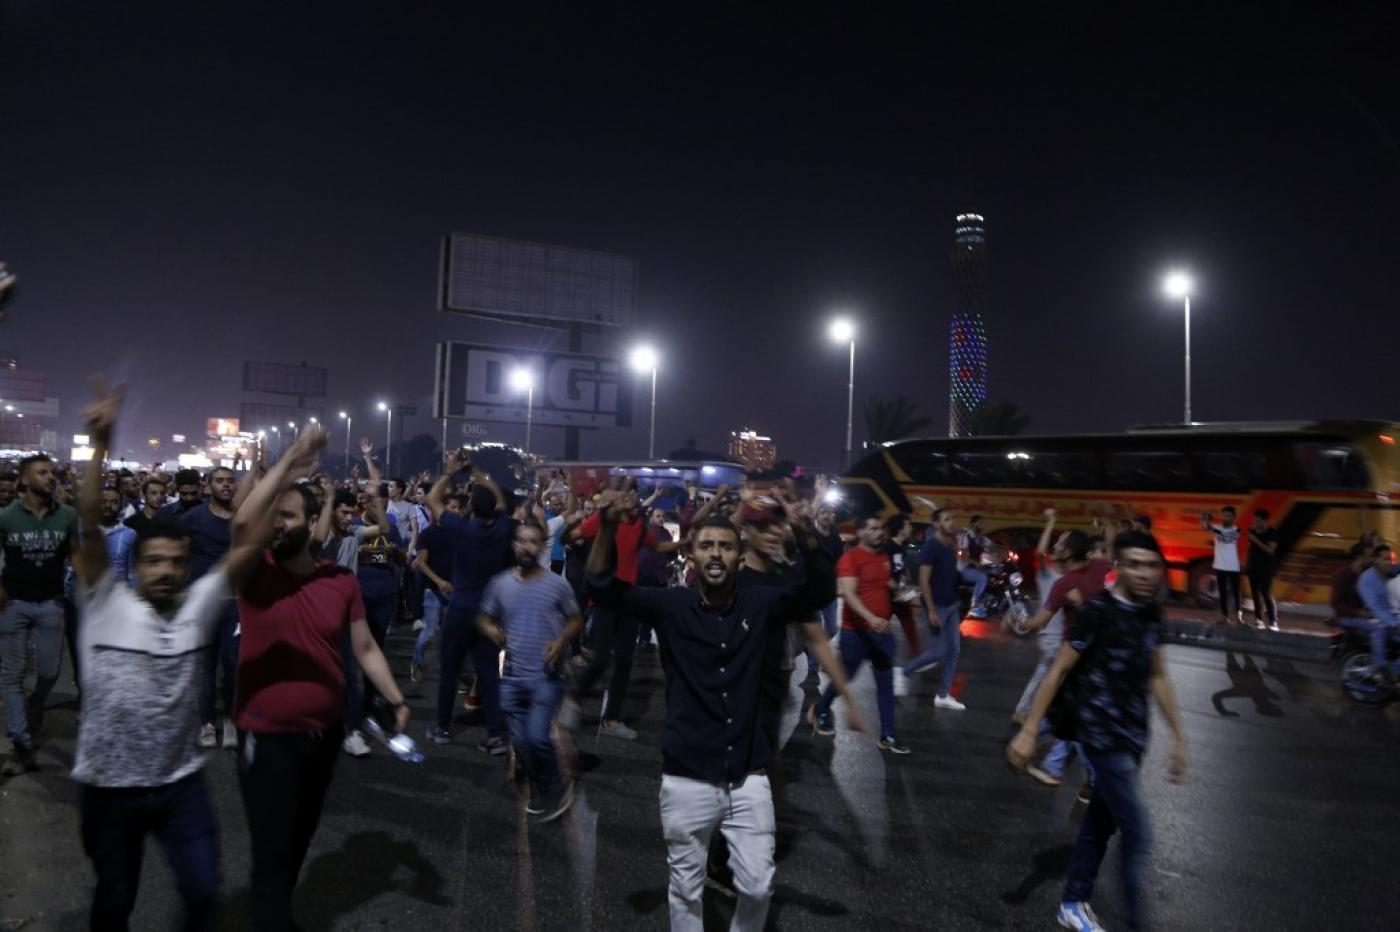 احتجاجات ضد الرئيس عبد الفتاح السيسي في مصر